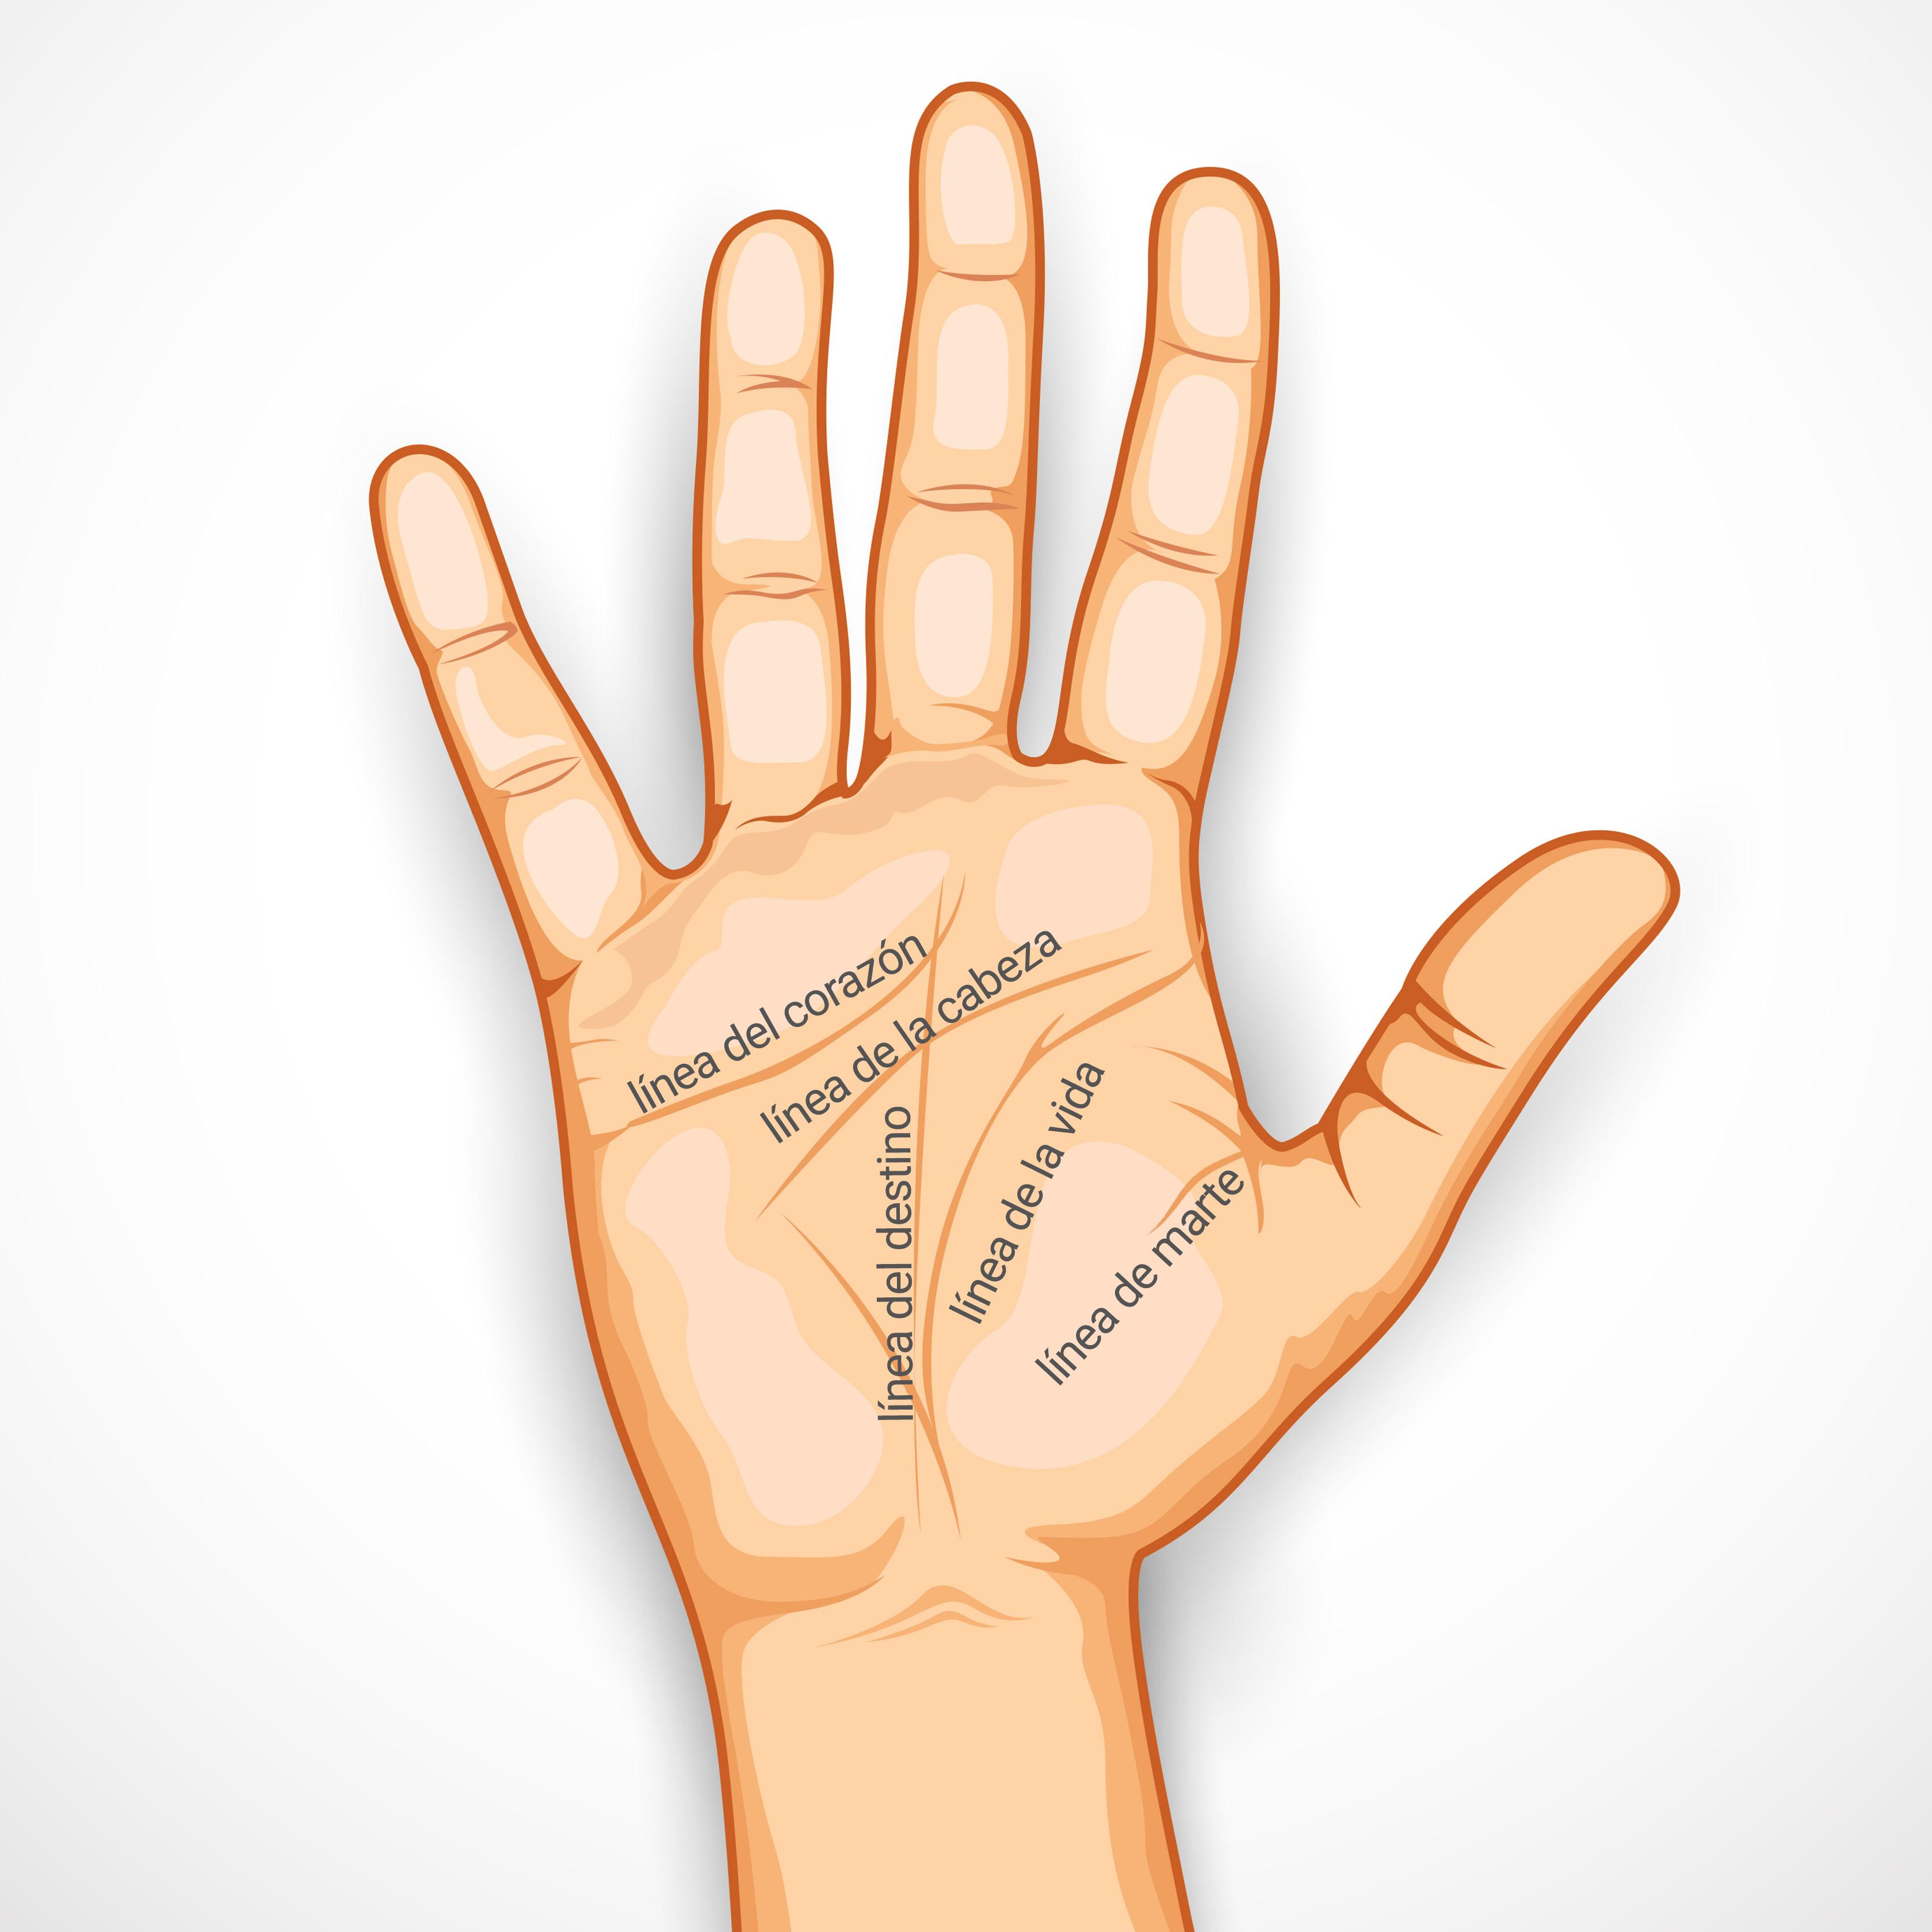 Cómo leer la mano: conoce las líneas